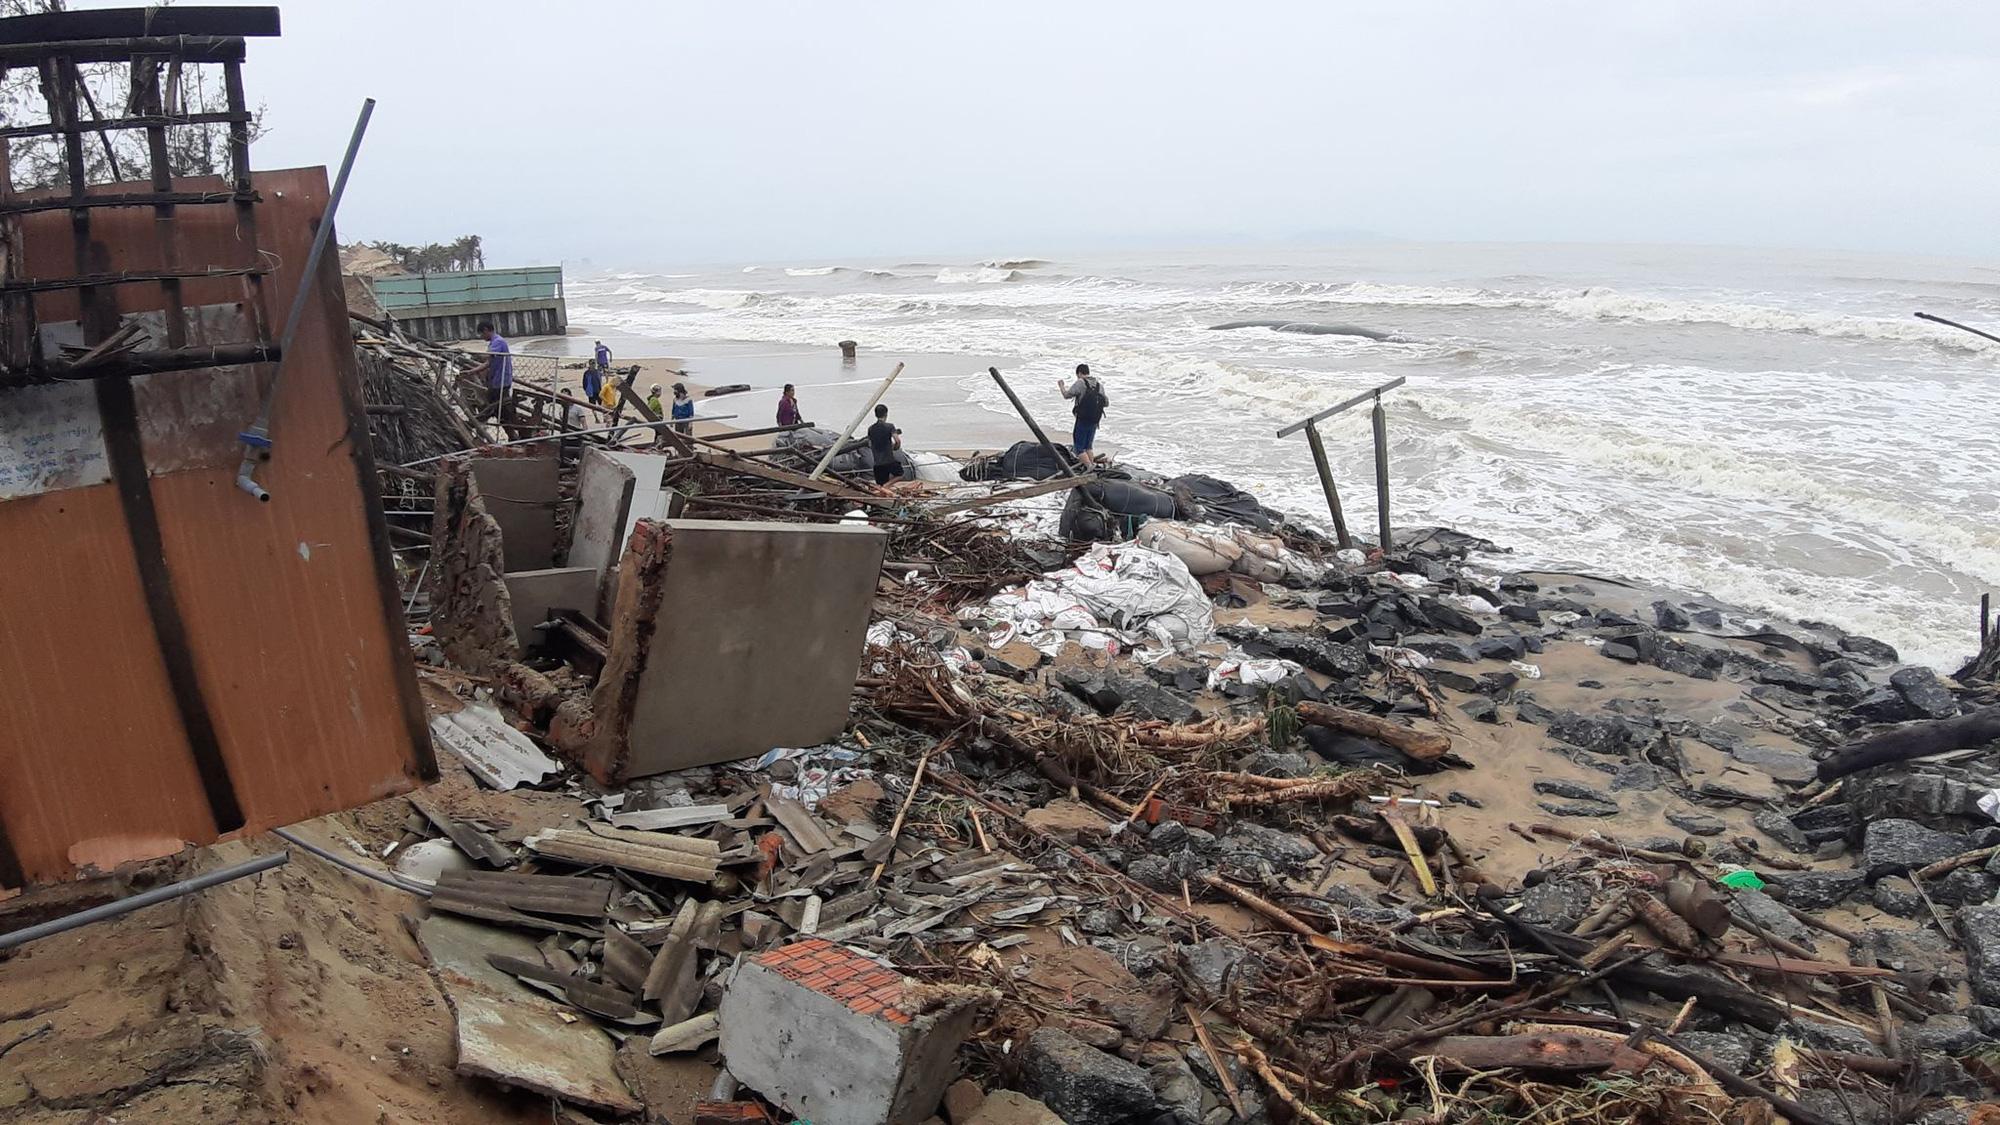 Ảnh hưởng bão số 13: Hàng chục nhà hàng ven biển An Bàng, Hội An bị đánh sập  - Ảnh 9.